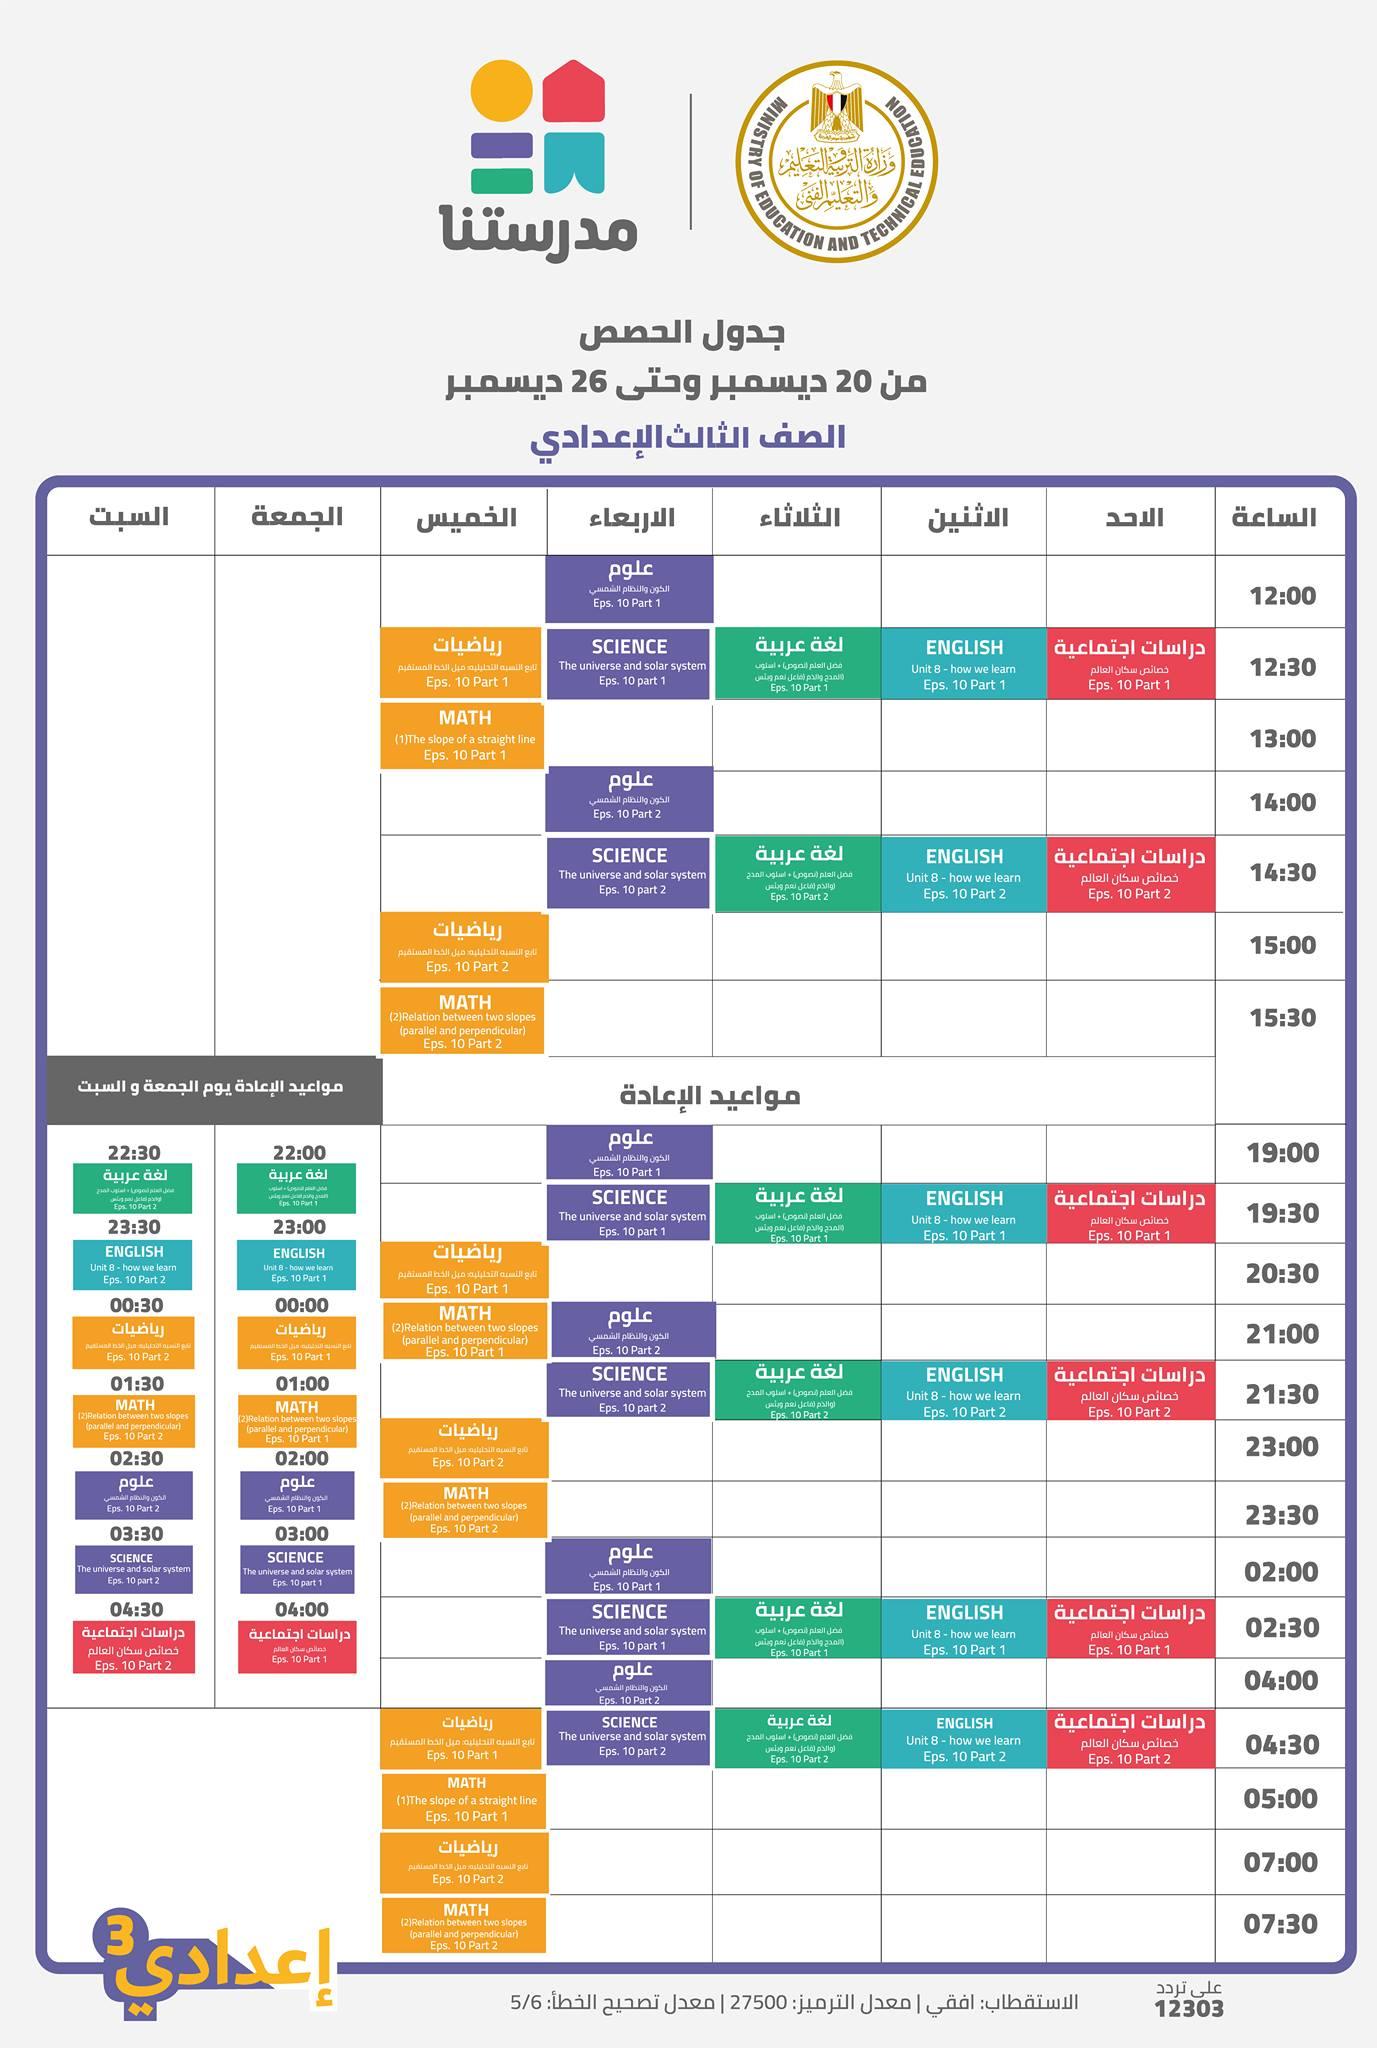 جدول مواعيد البرامج التعليمية للصف الأول الإعدادي علي قناة مدرستنا